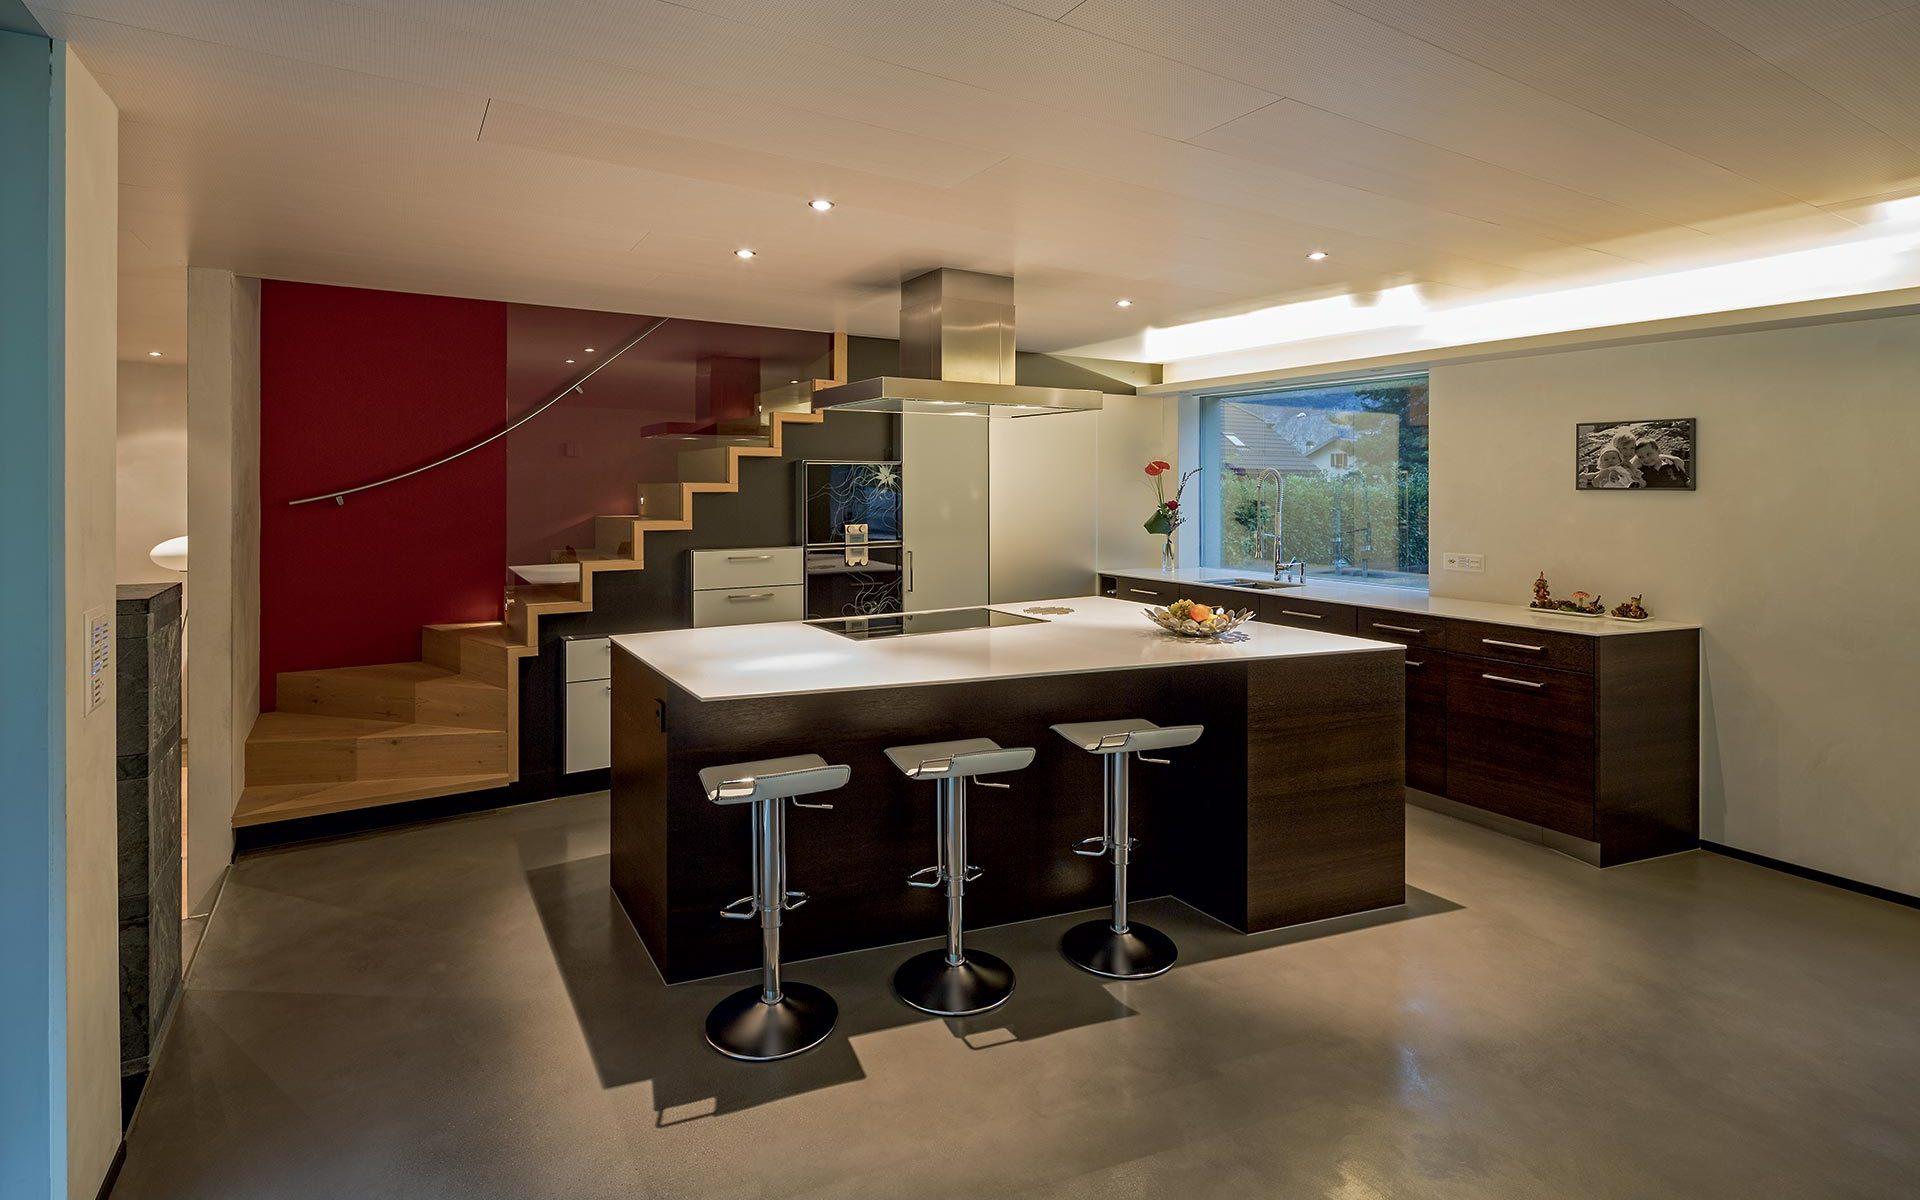 escalier_sur_cuisine